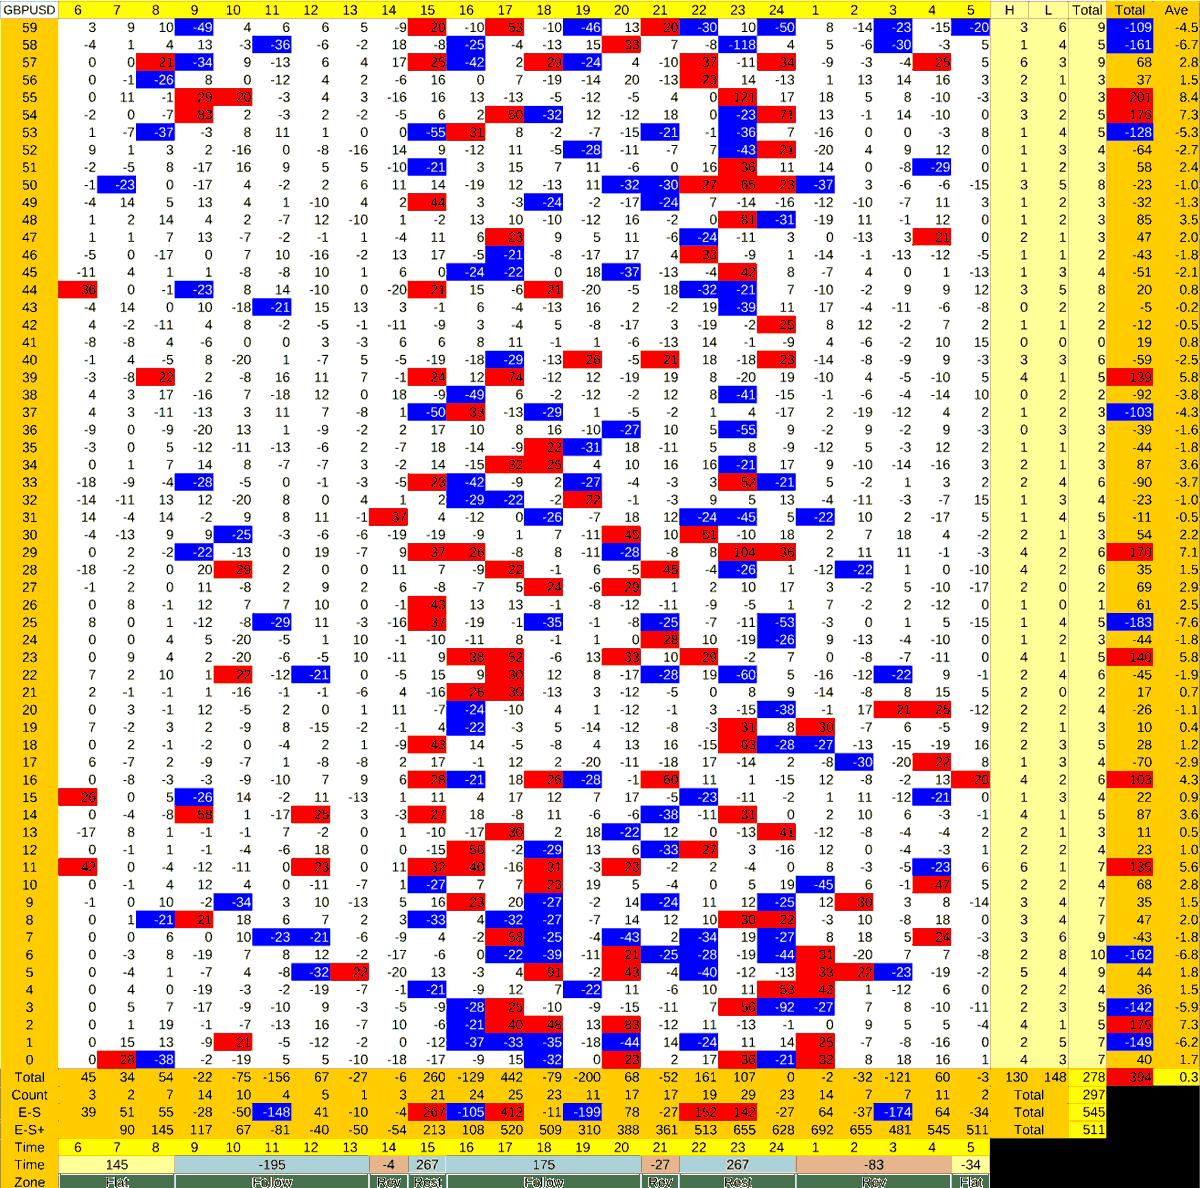 20210331_HS(2)GBPUSD-min